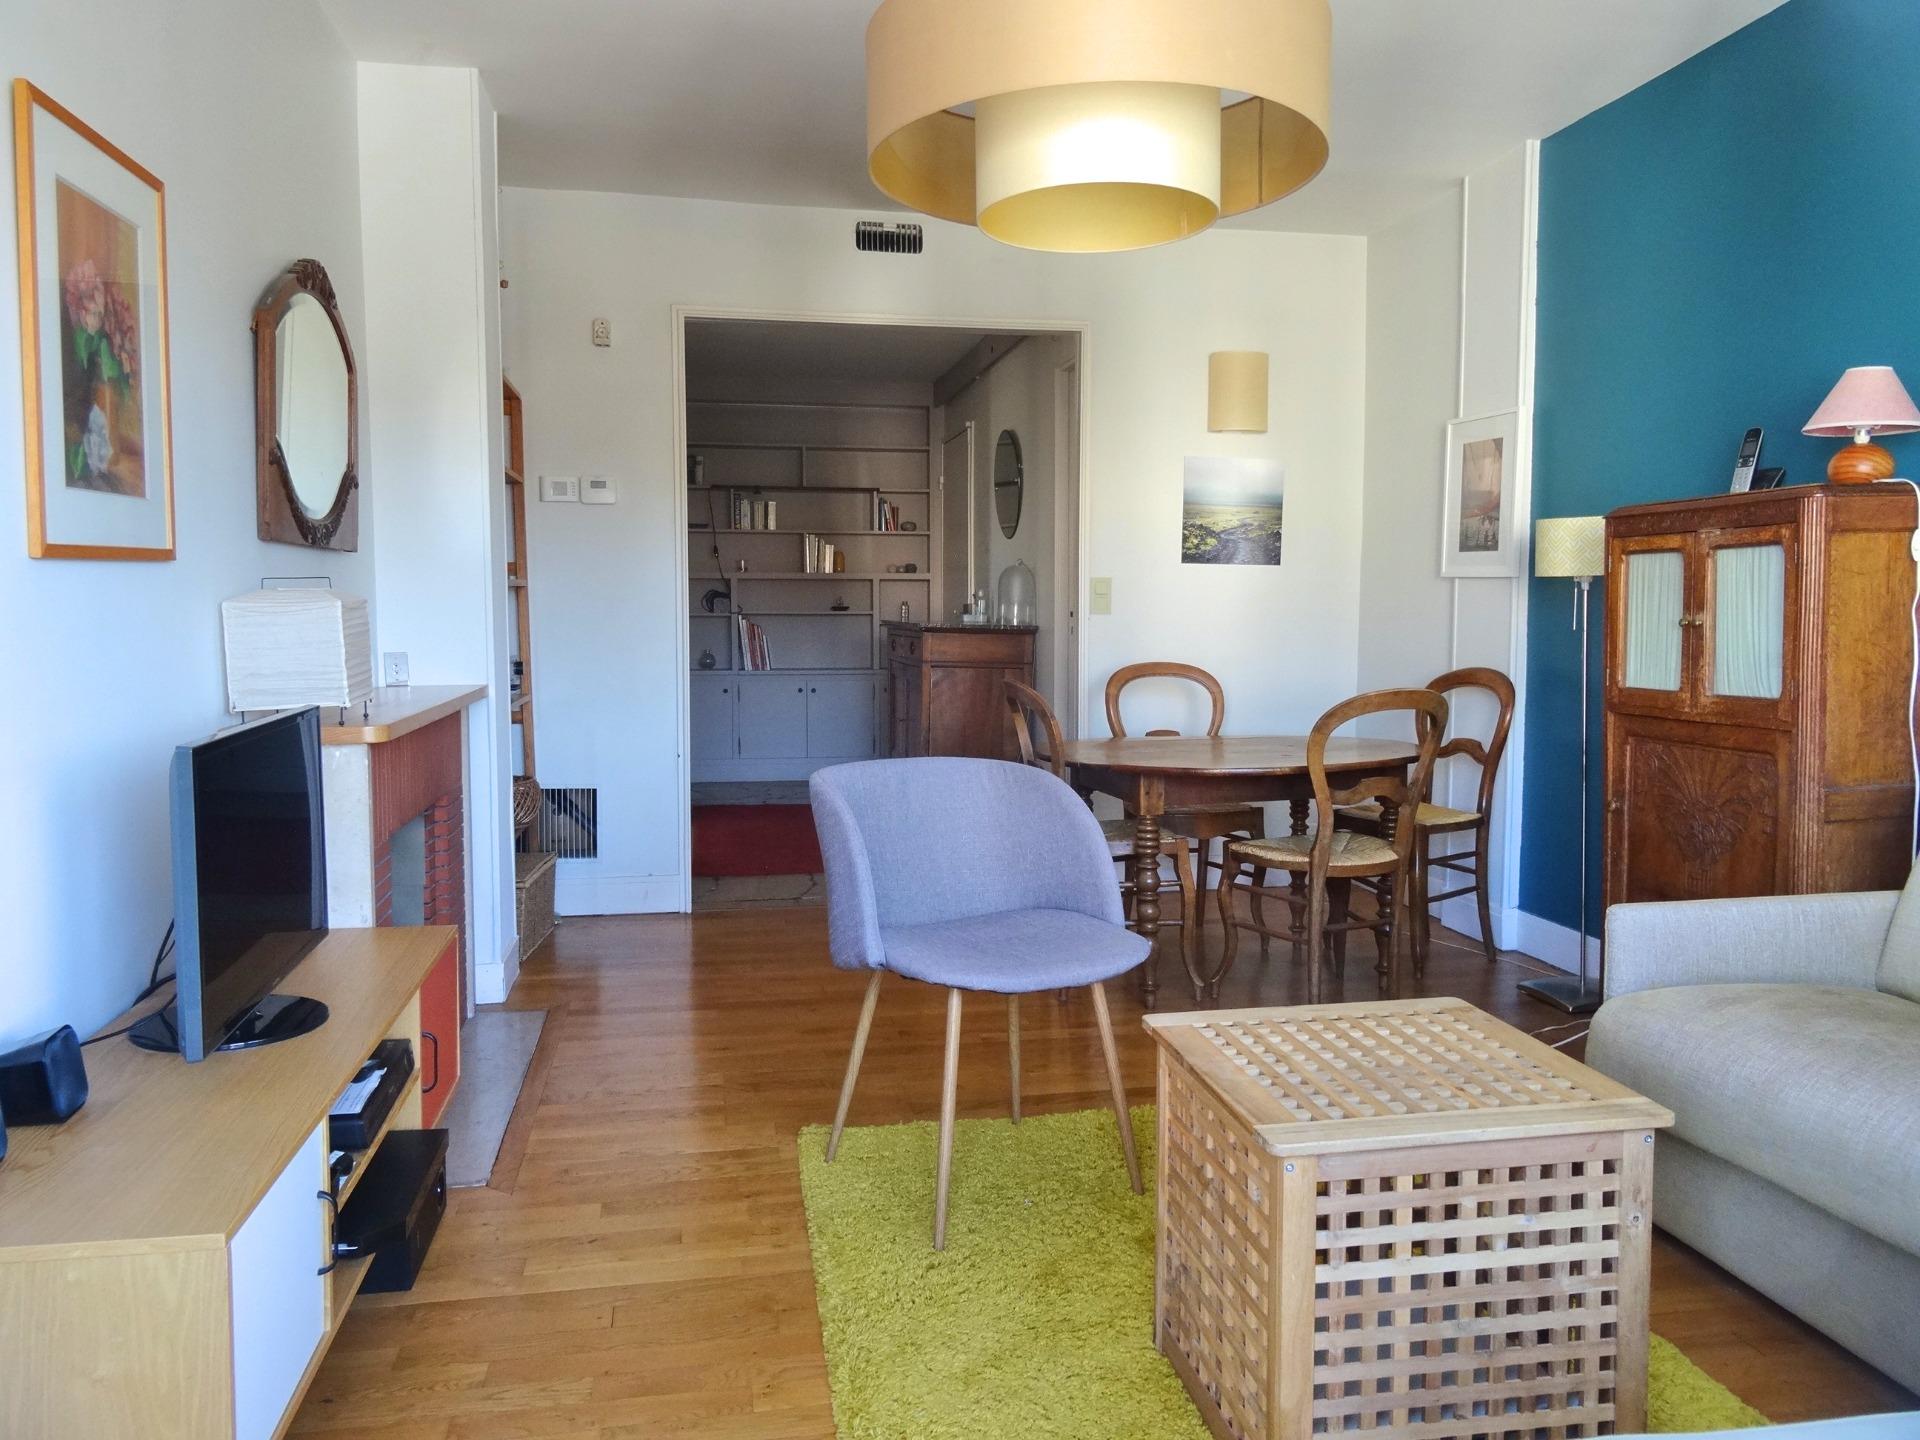 sejour-location-meublee-boulogne- la-clef-des-villes-agence-immobiliere-boulogne